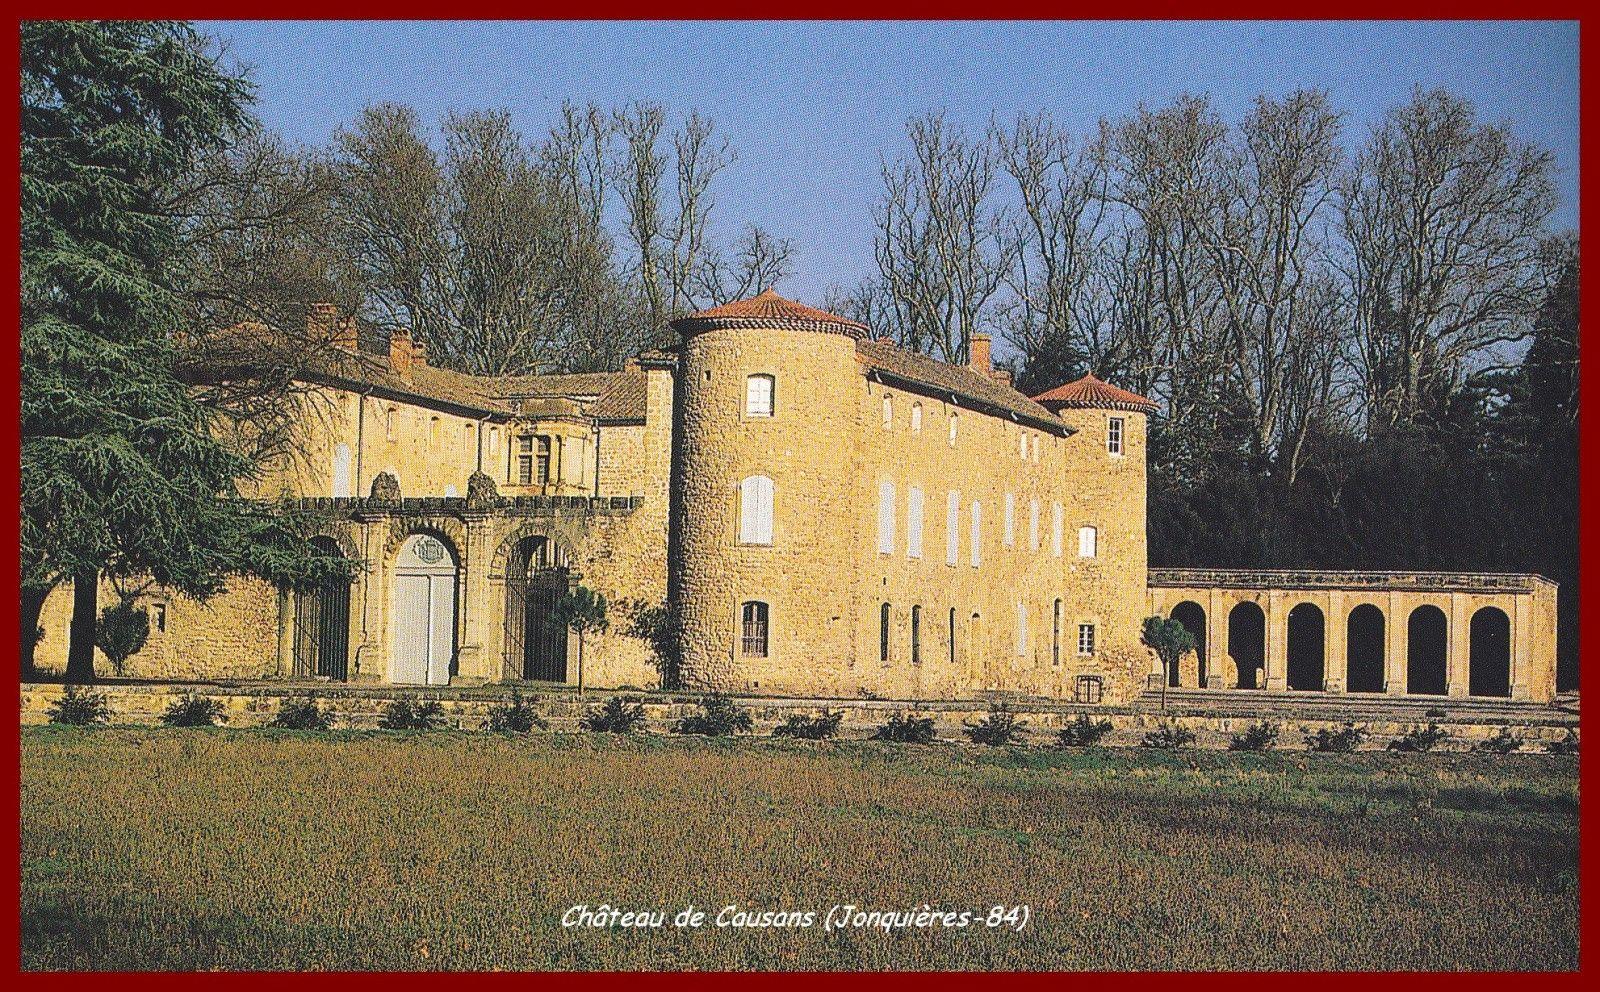 Jonquieres Chateau De Causans